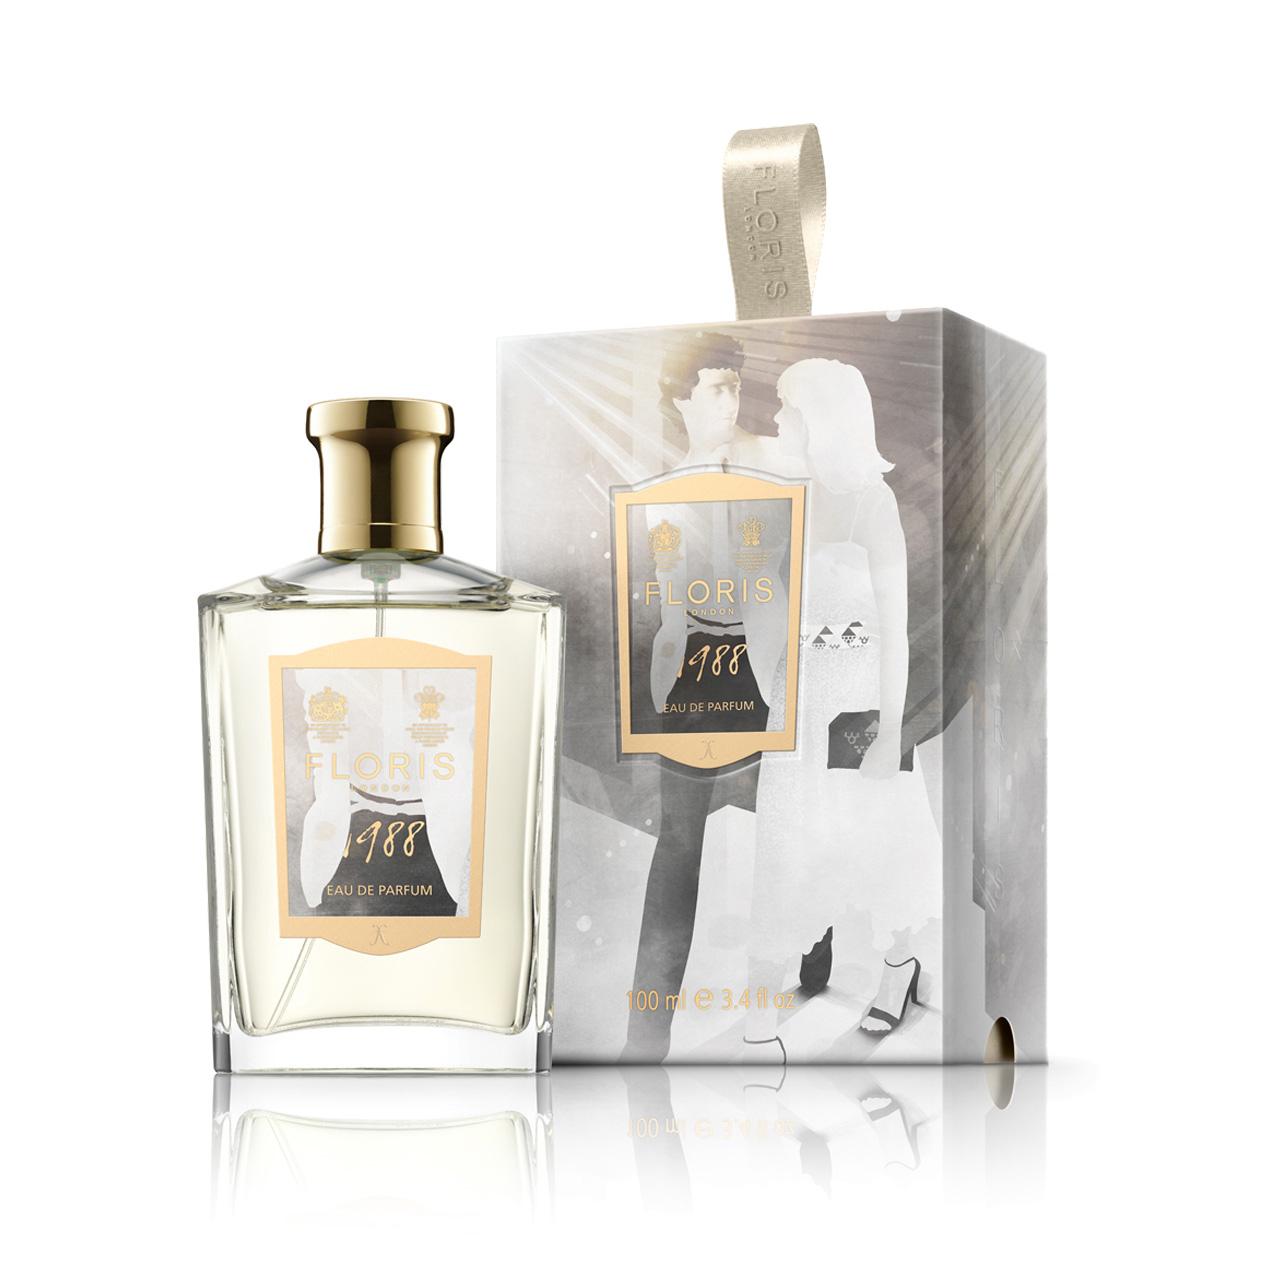 1988 - Eau de Parfum - Private Collection